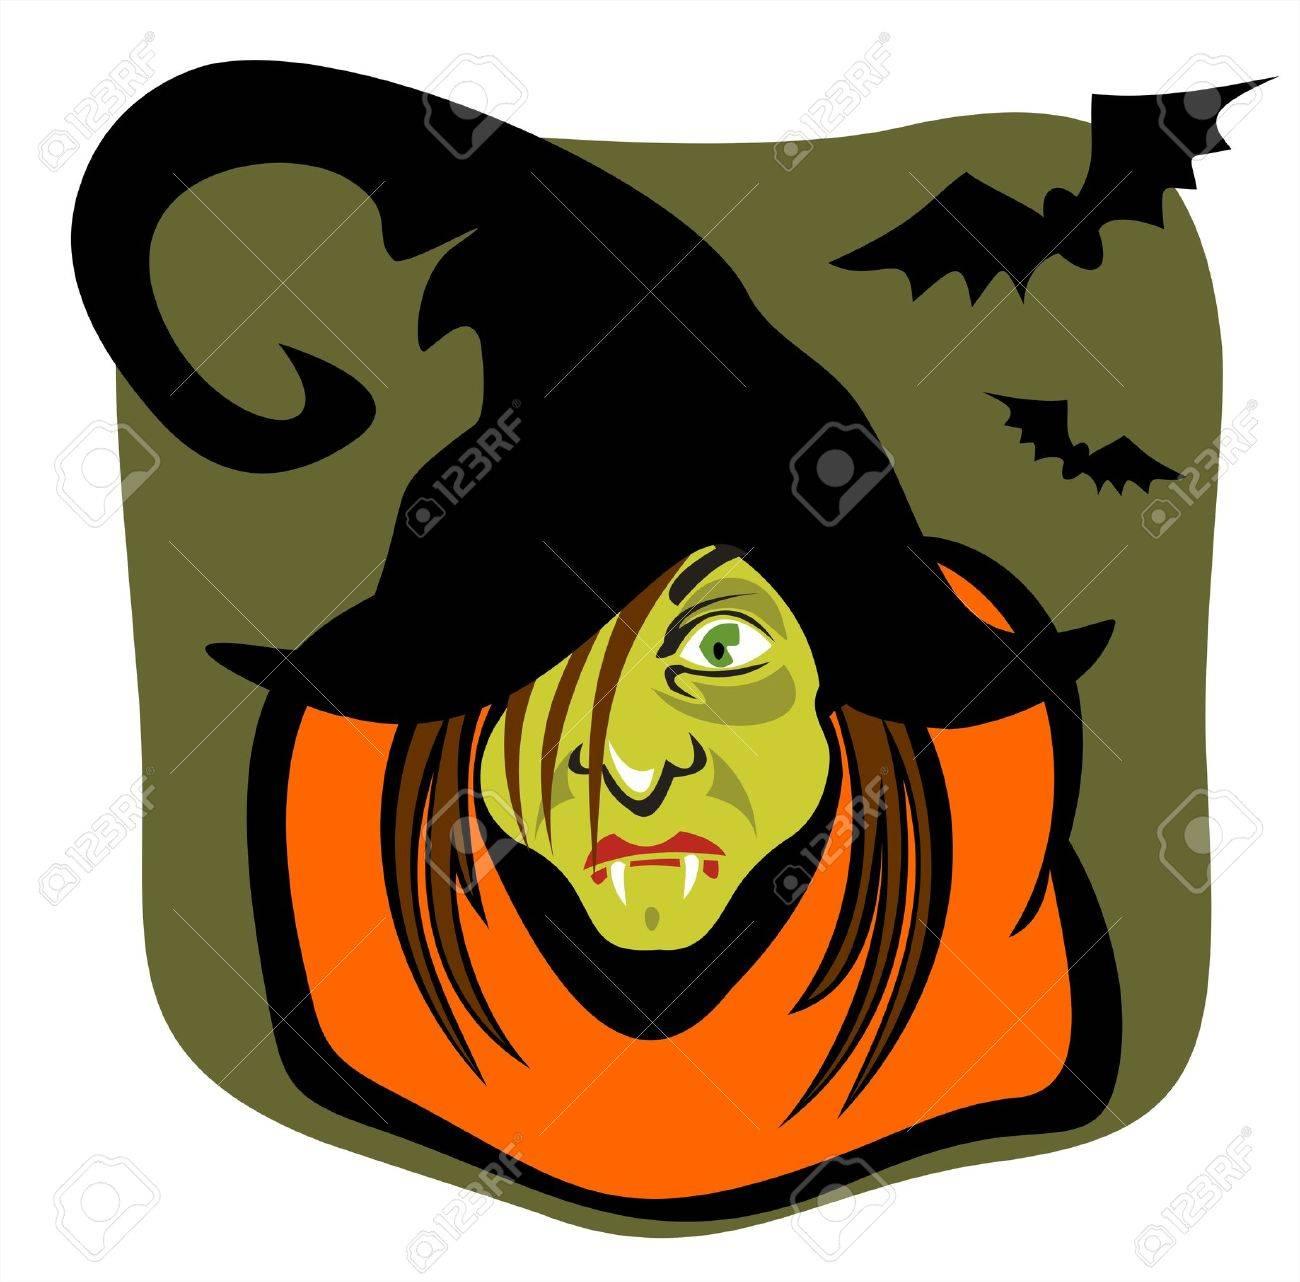 La strega stilizzata in un cappello nero e un pipistrello a sfondo verde scuro.  Archivio Fotografico - 1934517